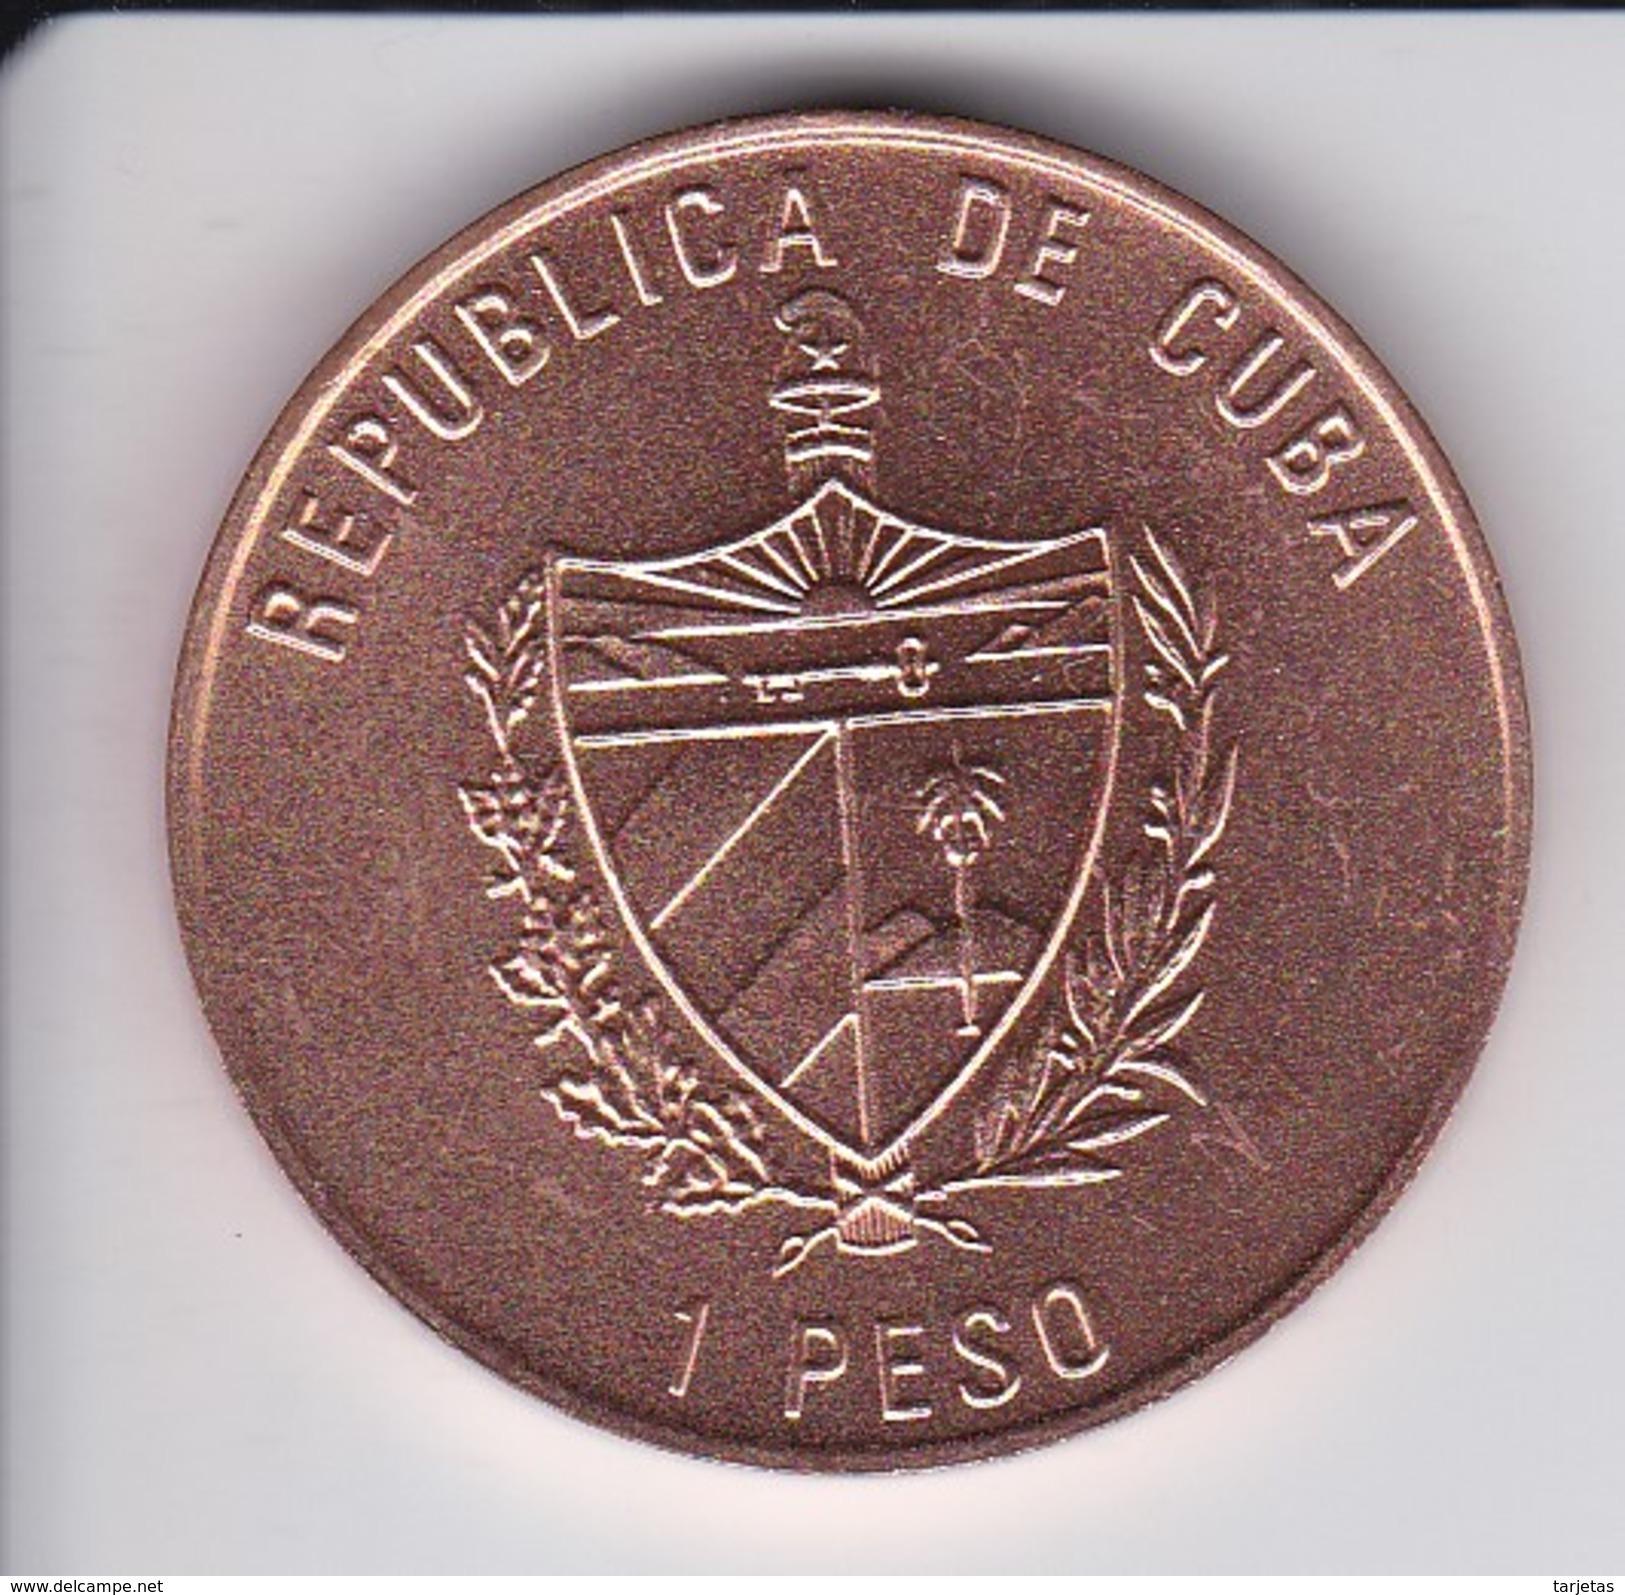 MONEDA DE CUBA DE 1 PESO DEL AÑO 1989 DE ALEJANDRO DE HUMBOLDT (COIN) SIN CIRCULAR-UNCIRCULATED - Cuba